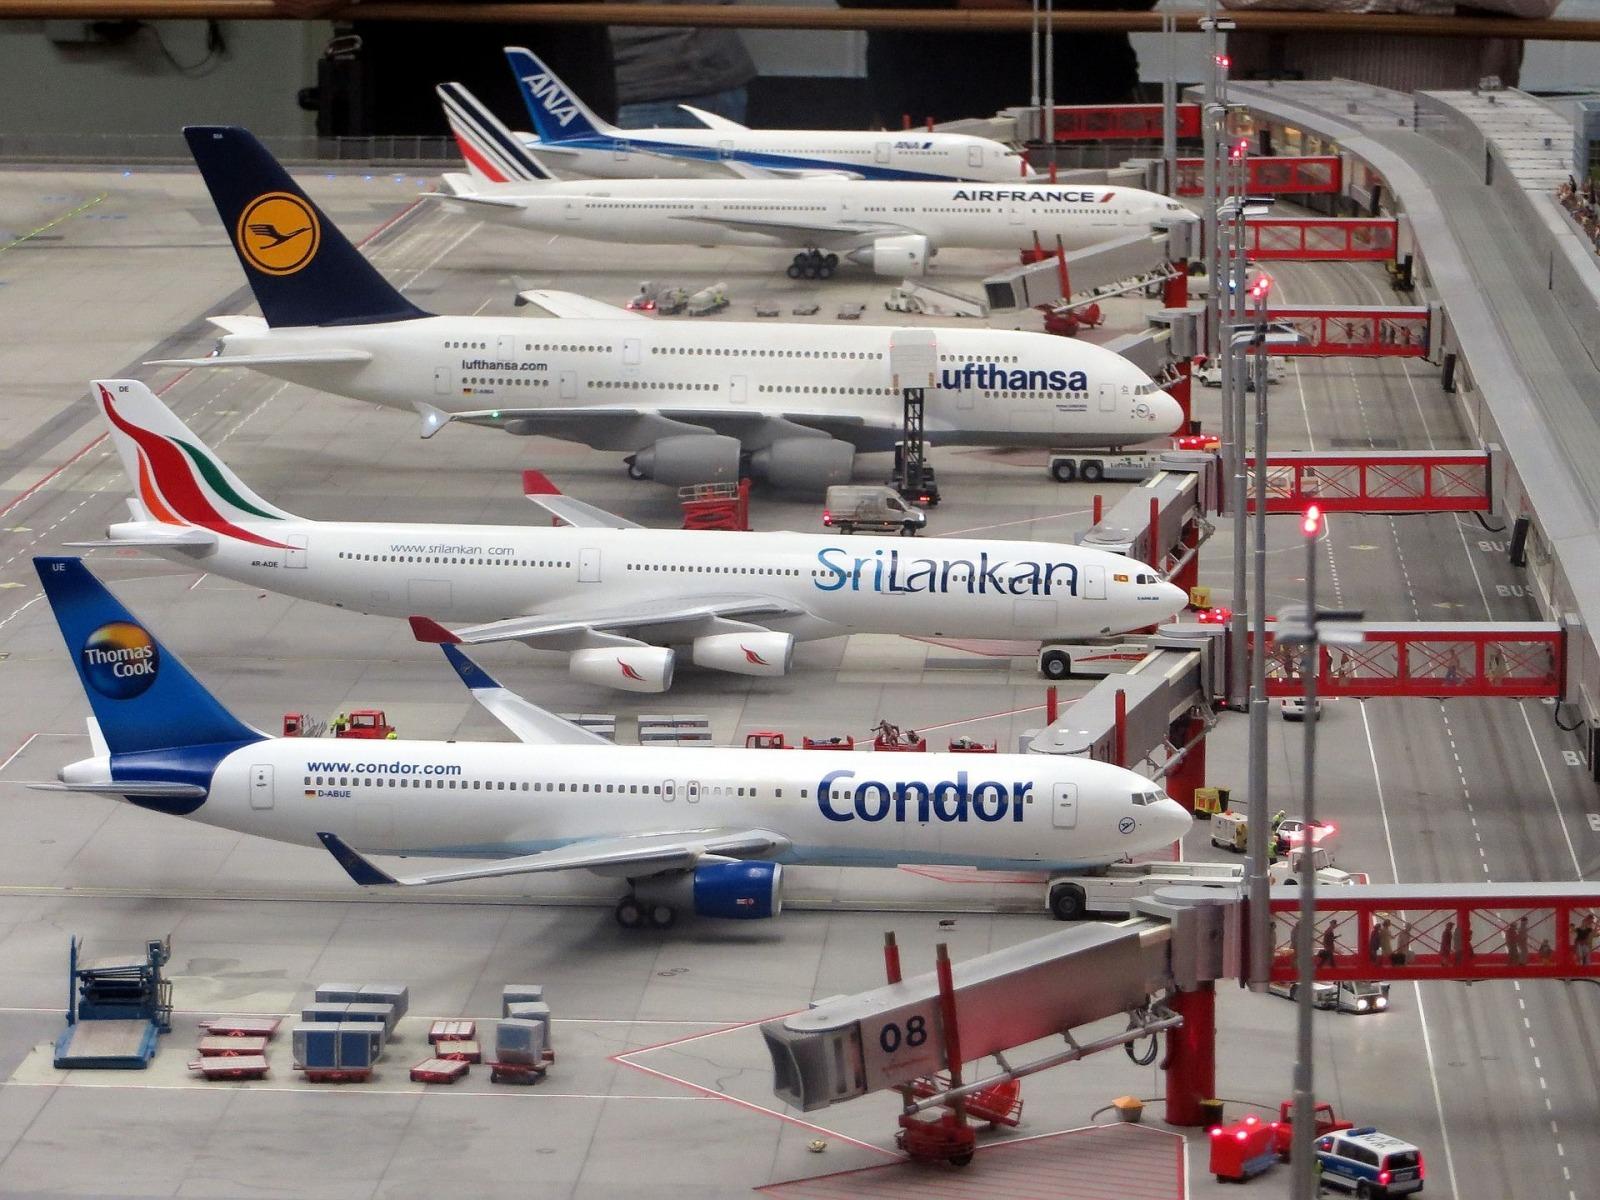 flughafen model planes Günther Simmermacher pixabay